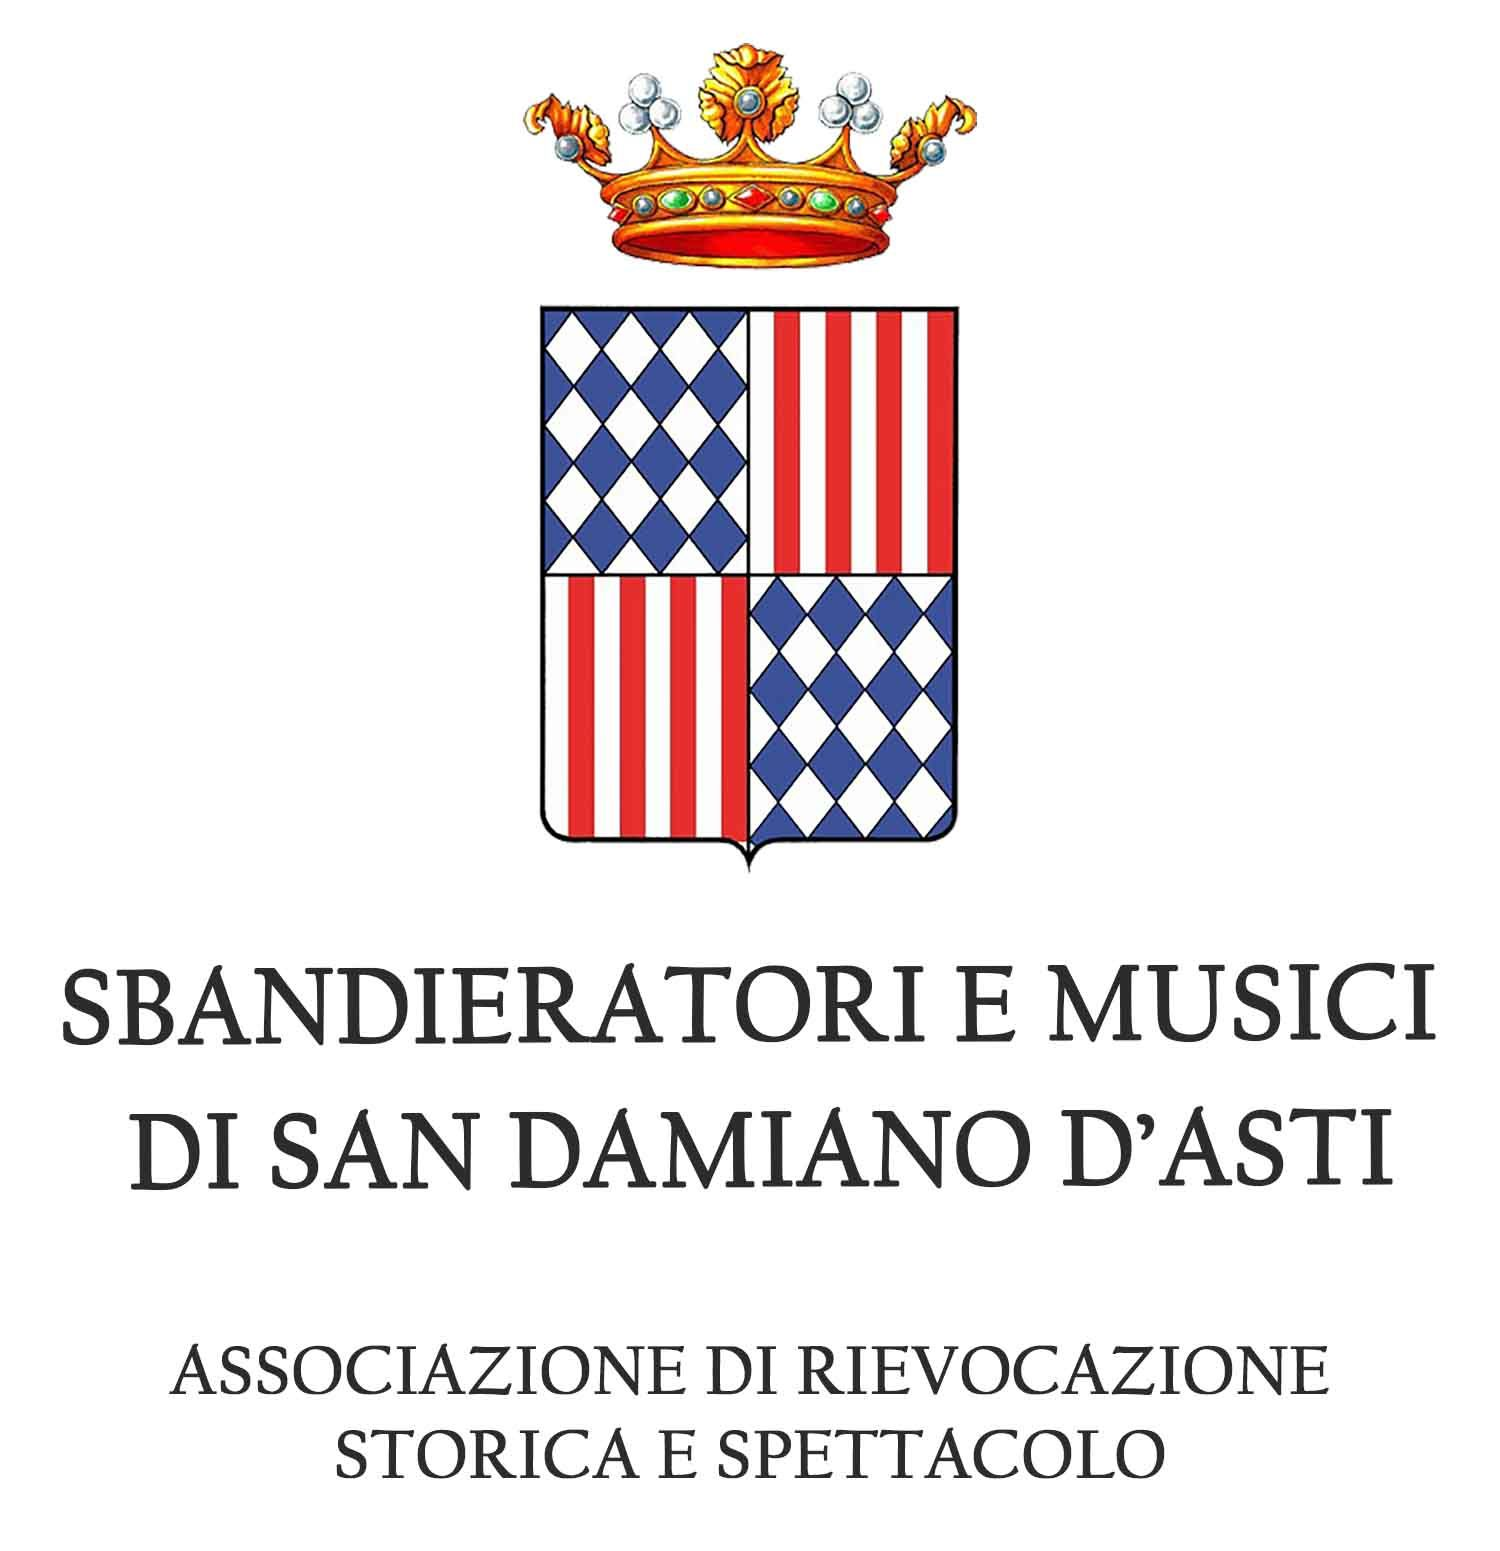 SBANDIERATORI E MUSICI SAN DAMIANO